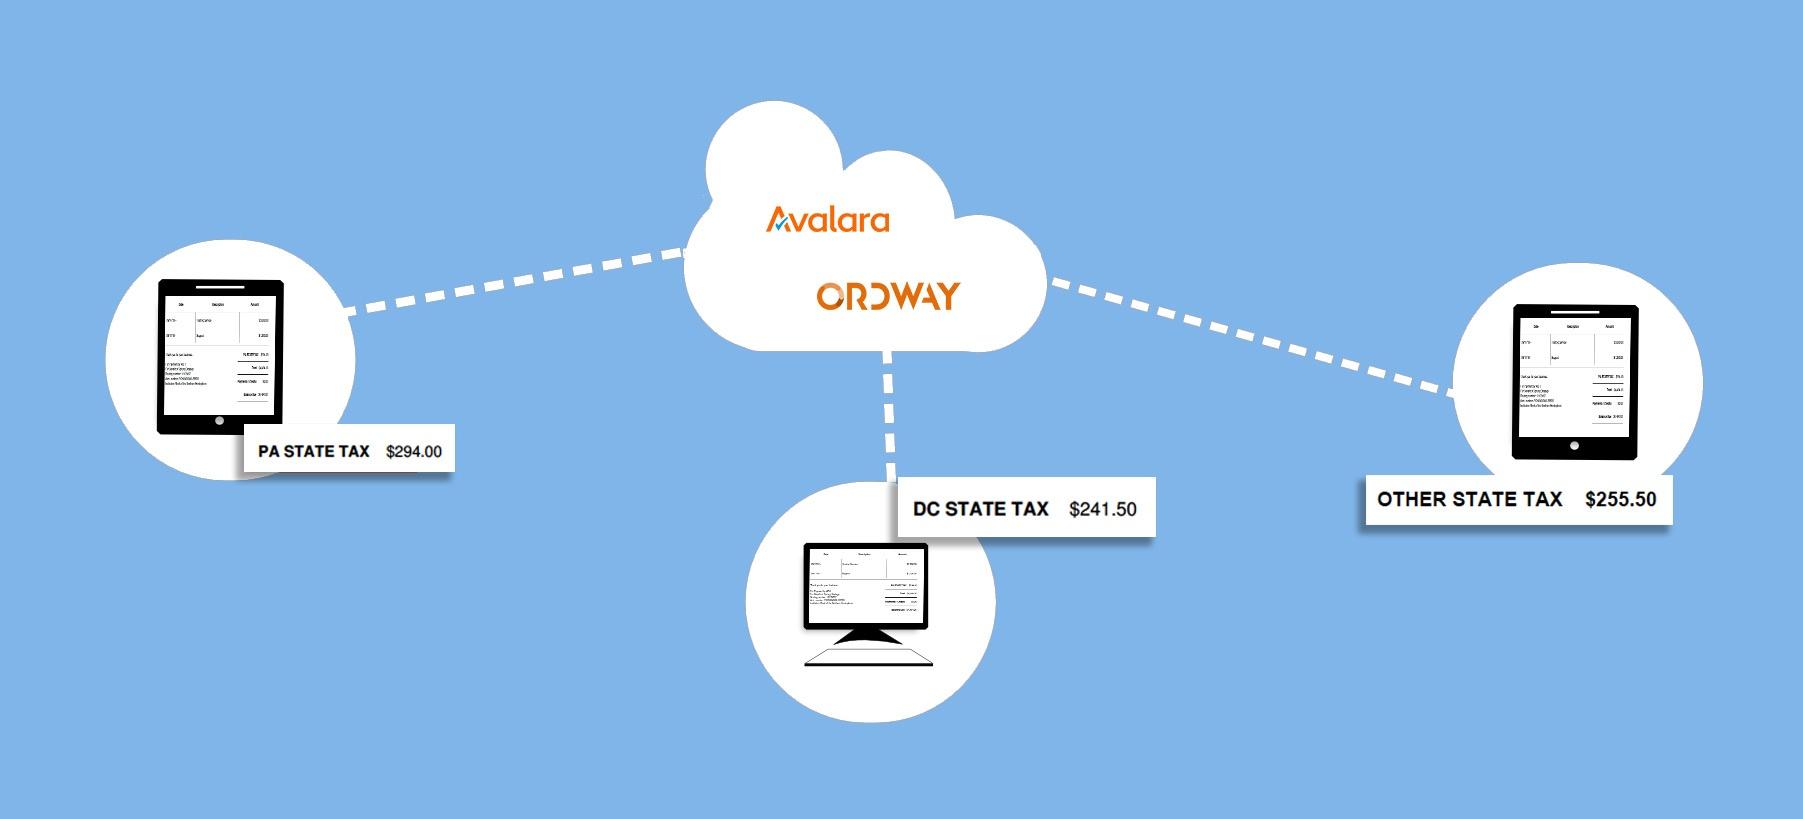 Avalara-Invoices-diagram-blue